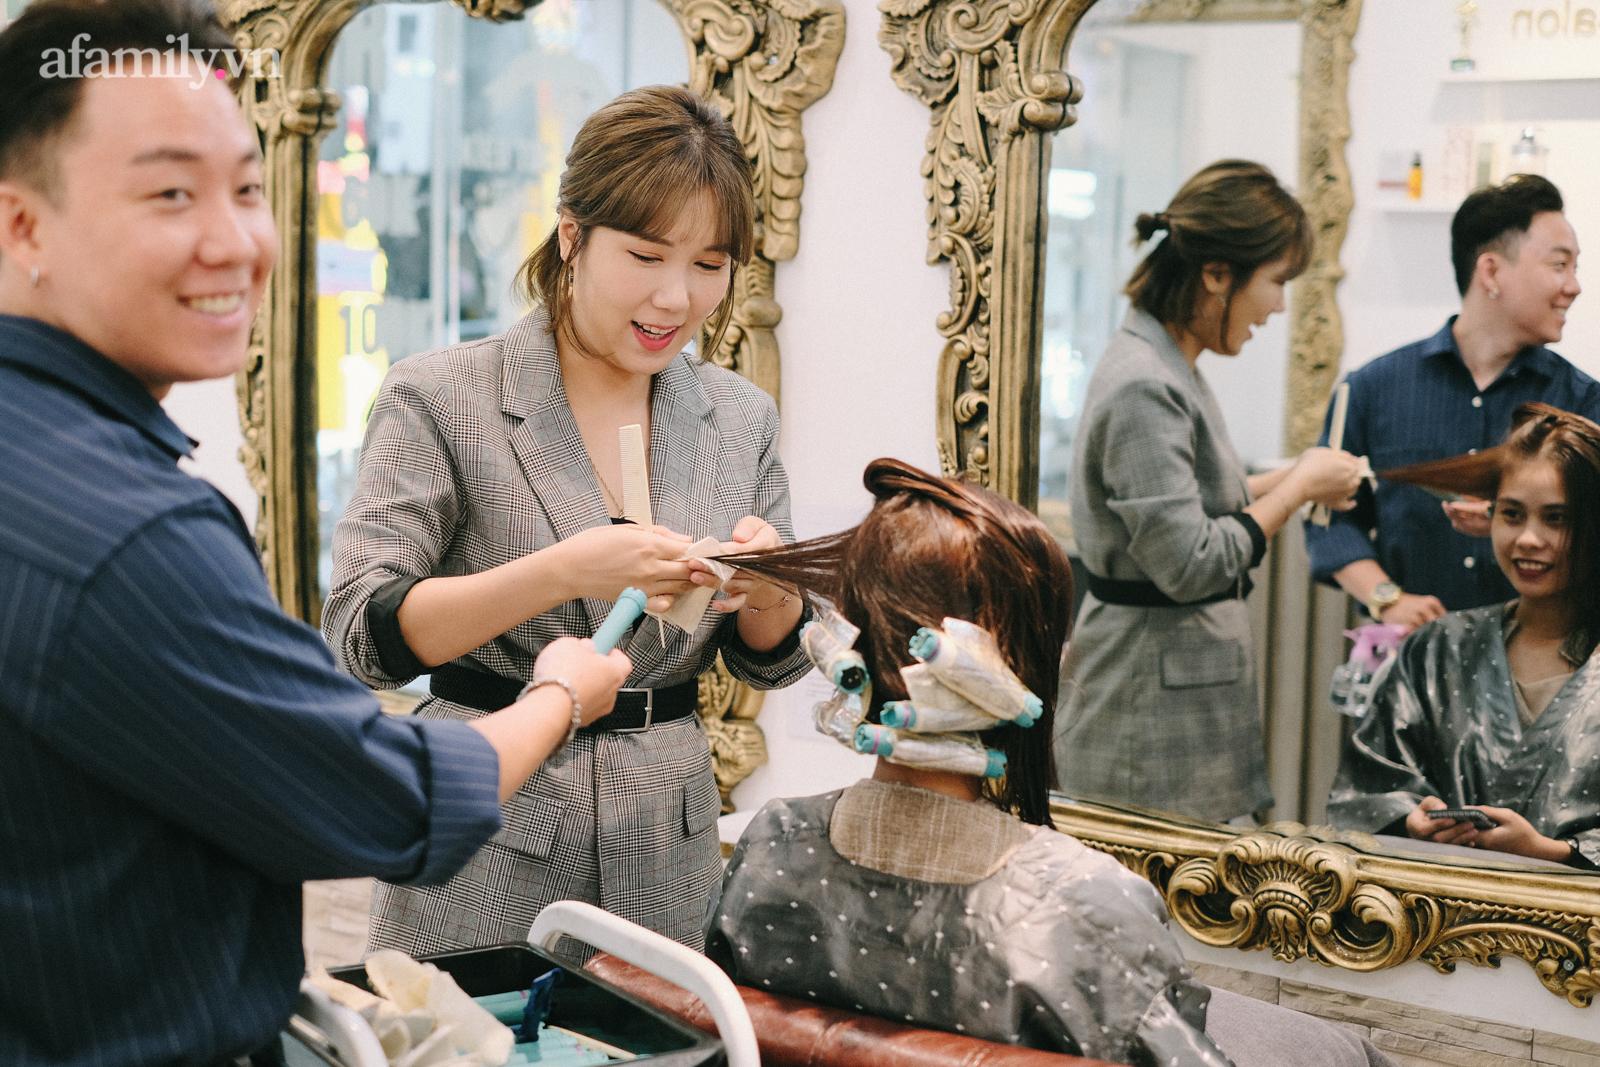 Tiệm làm tóc chuẩn Hàn giữa lòng Hà Nội: Tiết lộ luật bất thành văn khi làm tóc ở Hàn, chỉ ra sai lầm mà 90% khách Việt đều mắc phải - Ảnh 4.